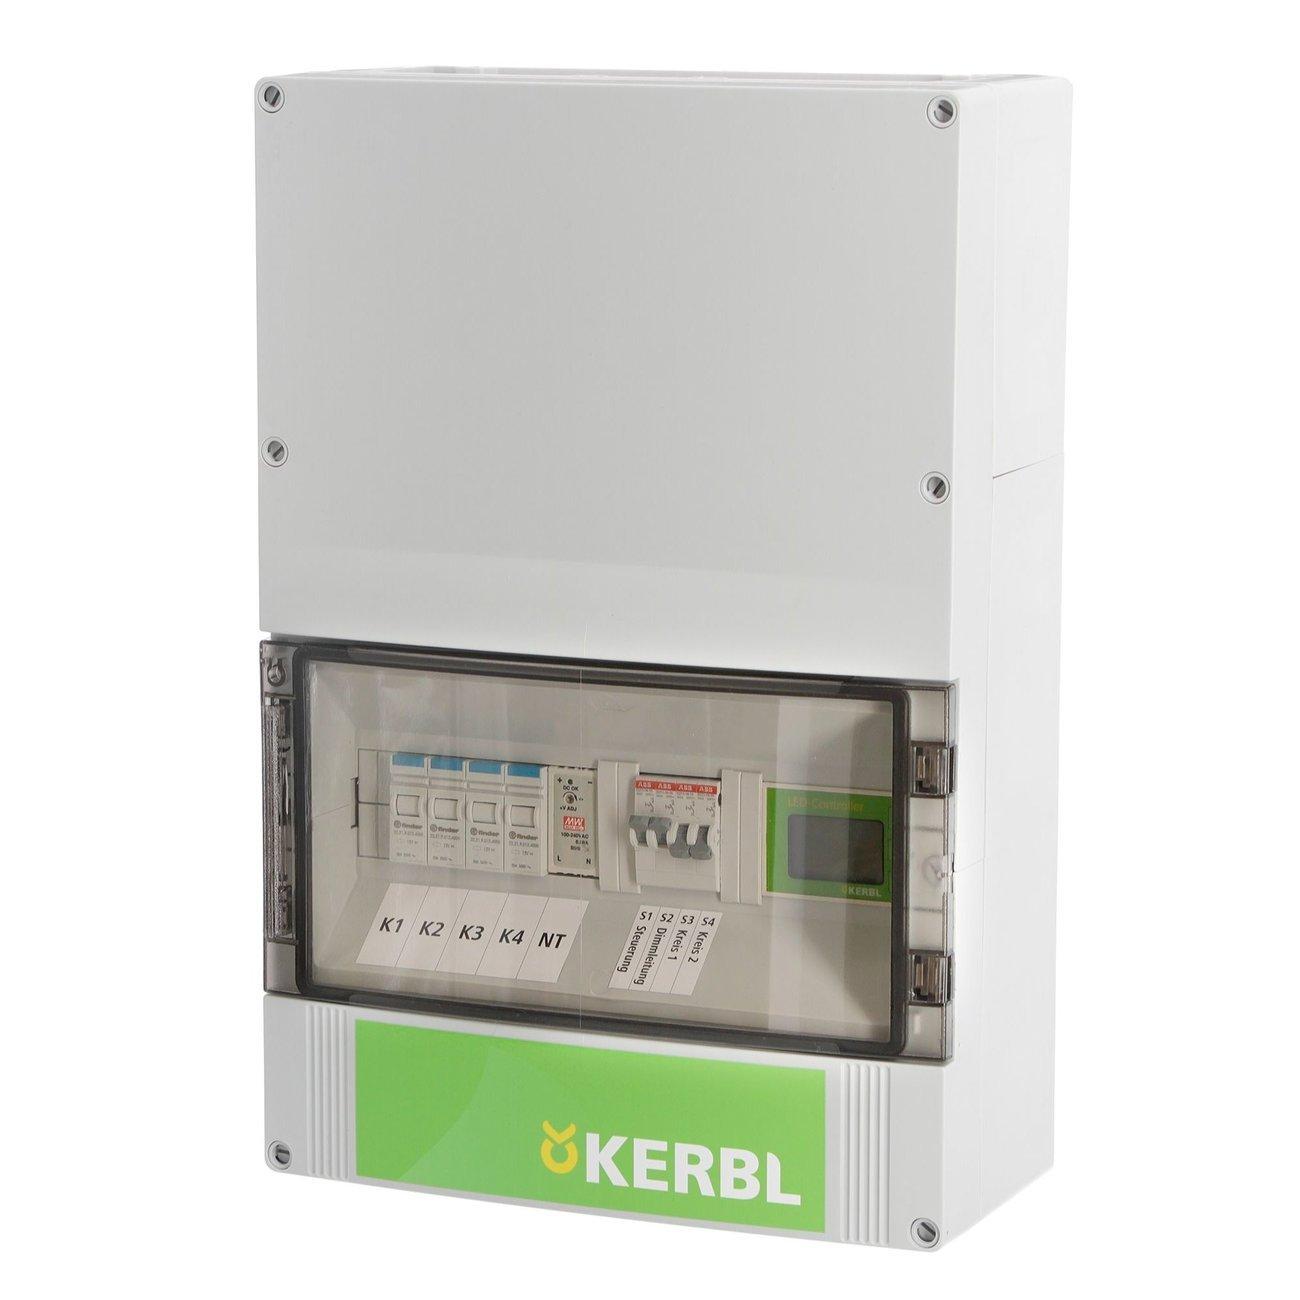 Kerbl Steuerung für LED Hallen Beleuchtung